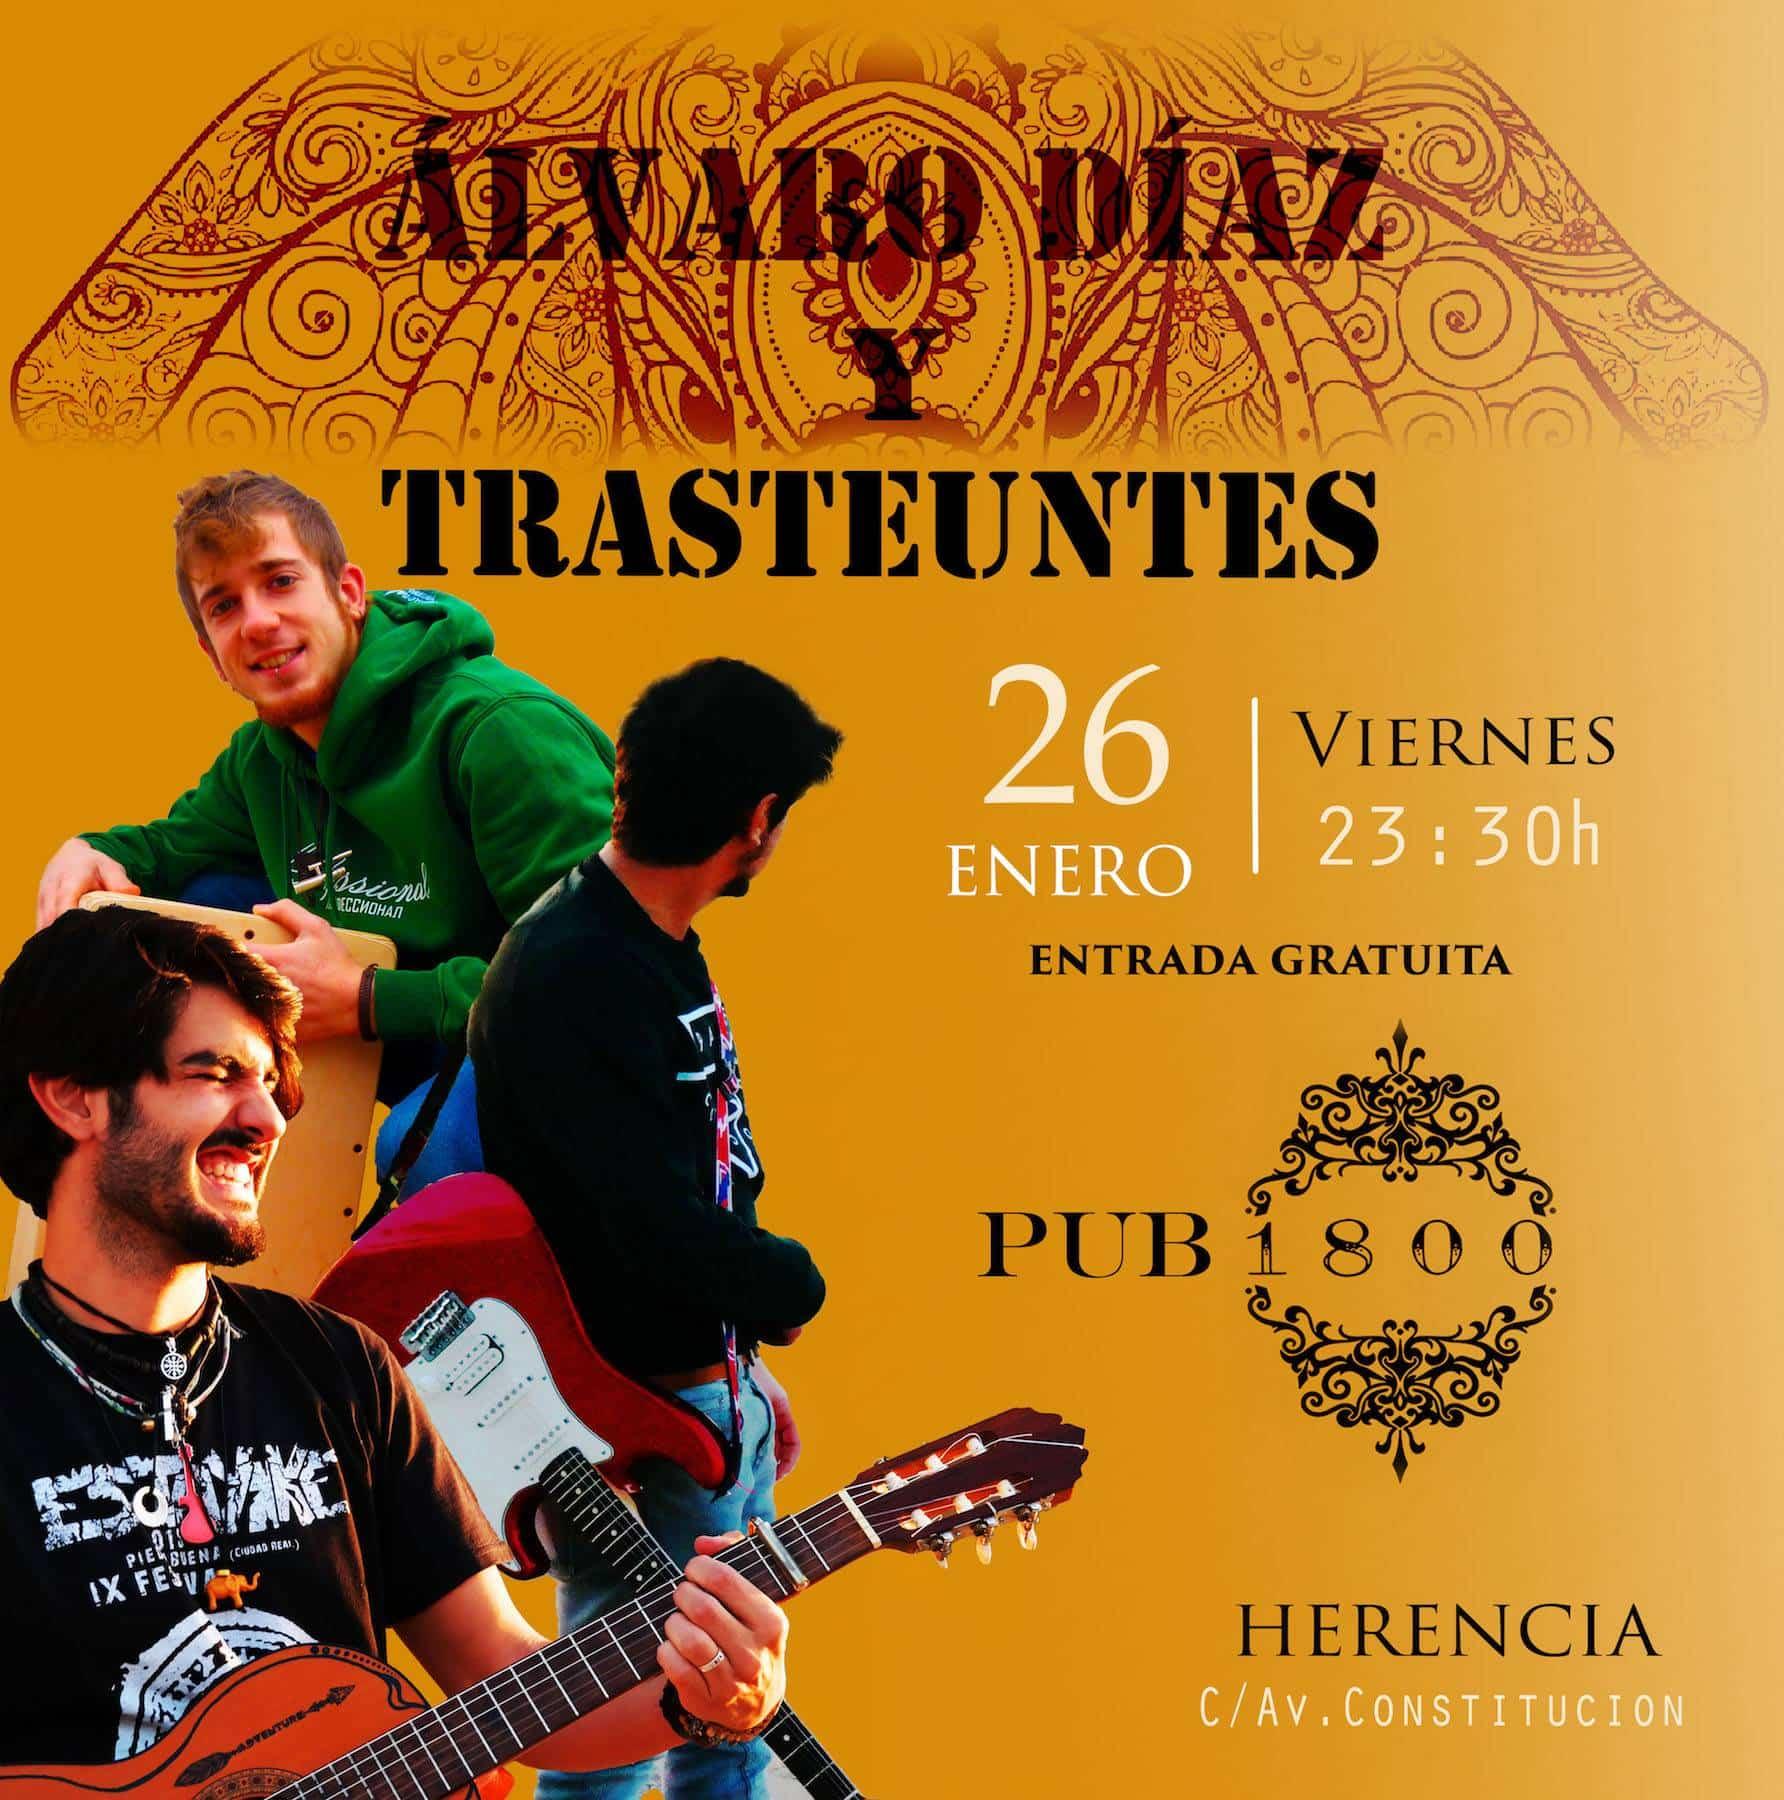 Cartel Concierto Alvaro Diaz y Trasteuntes - Concierto de Álvaro Díaz y Trasteuntes este viernes 26 de enero